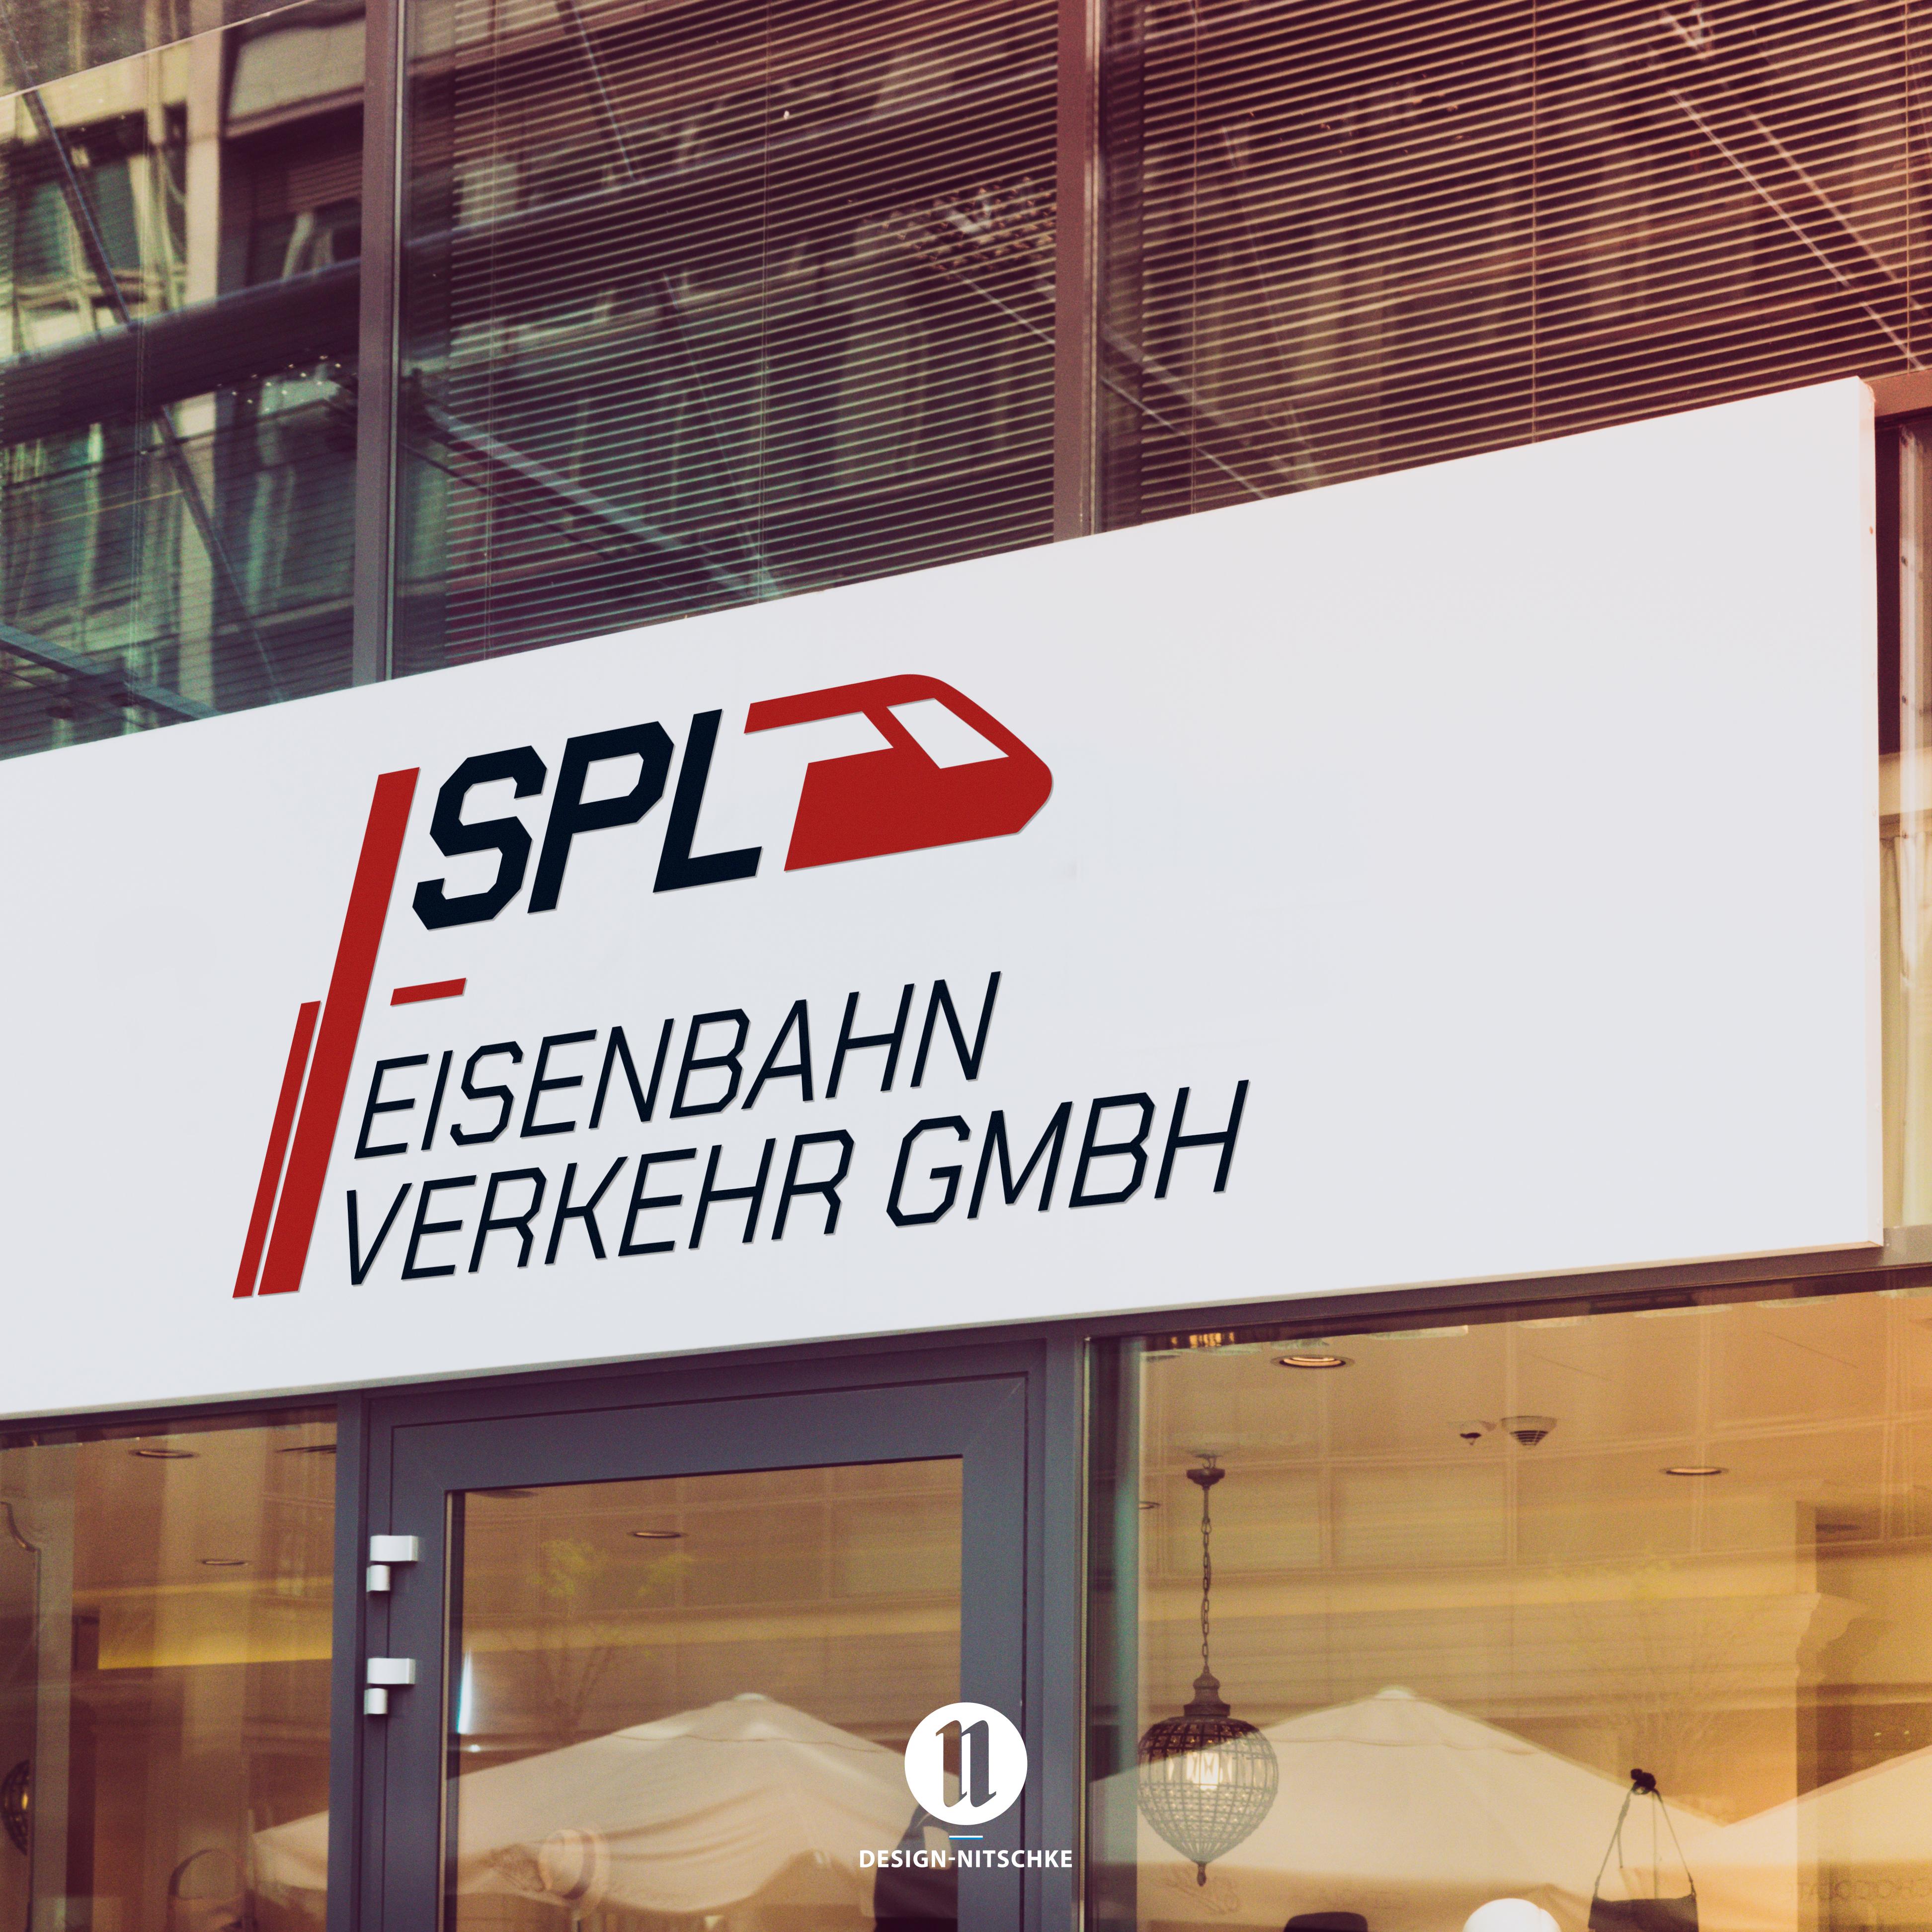 spl_einsebahnverkehr_werbeagentur_oranienburg_design_logo_ci_nitschke.jpg